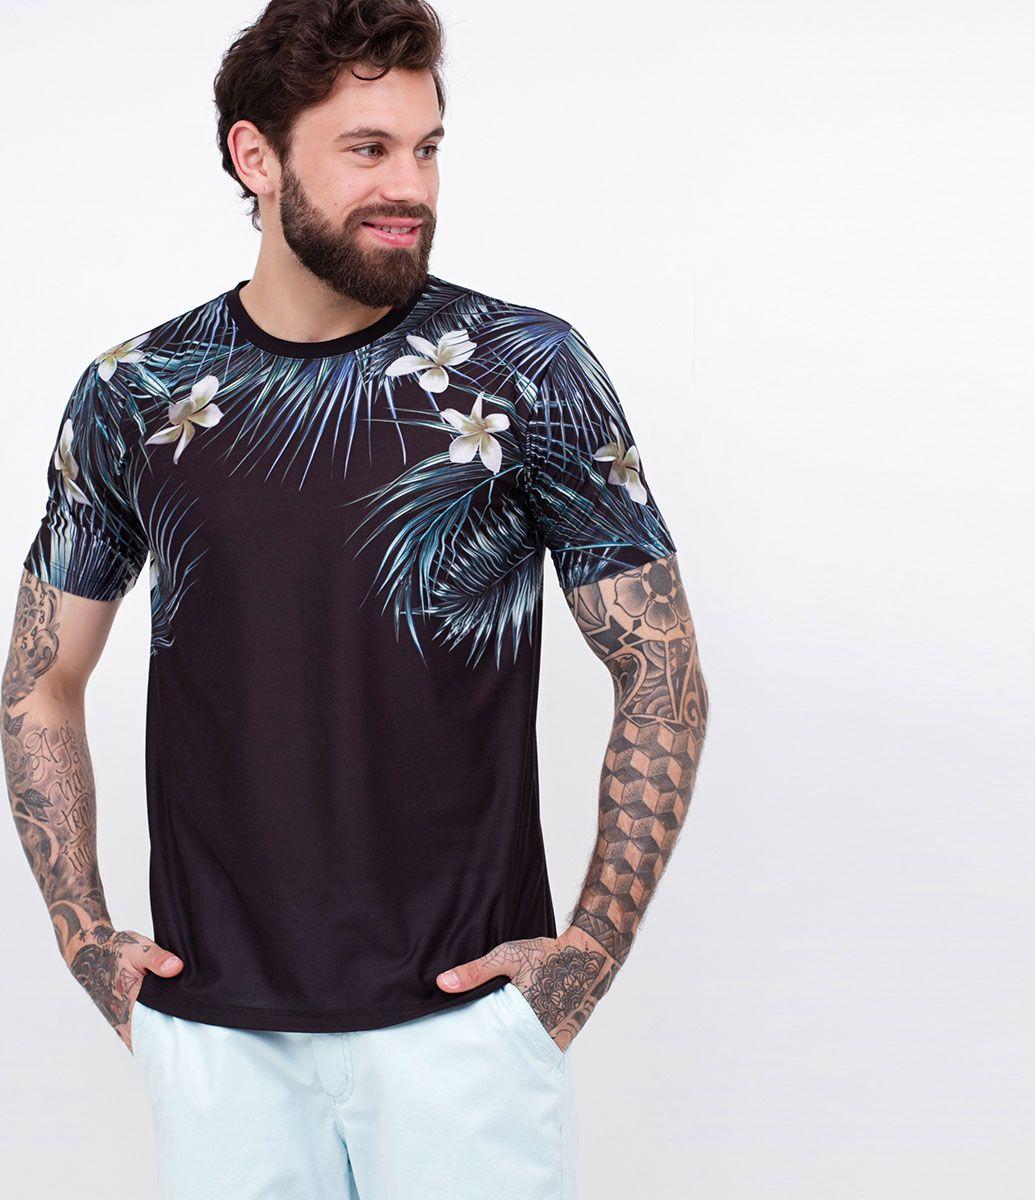 Camiseta masculina Manga curta Estampada Marca  Blue Steel Tecido  meia  malha Composição  98% algodão 2% poliéster Modelo veste tamanho  M COLEÇÃO  VERÃO ... 2aa128a7b2f